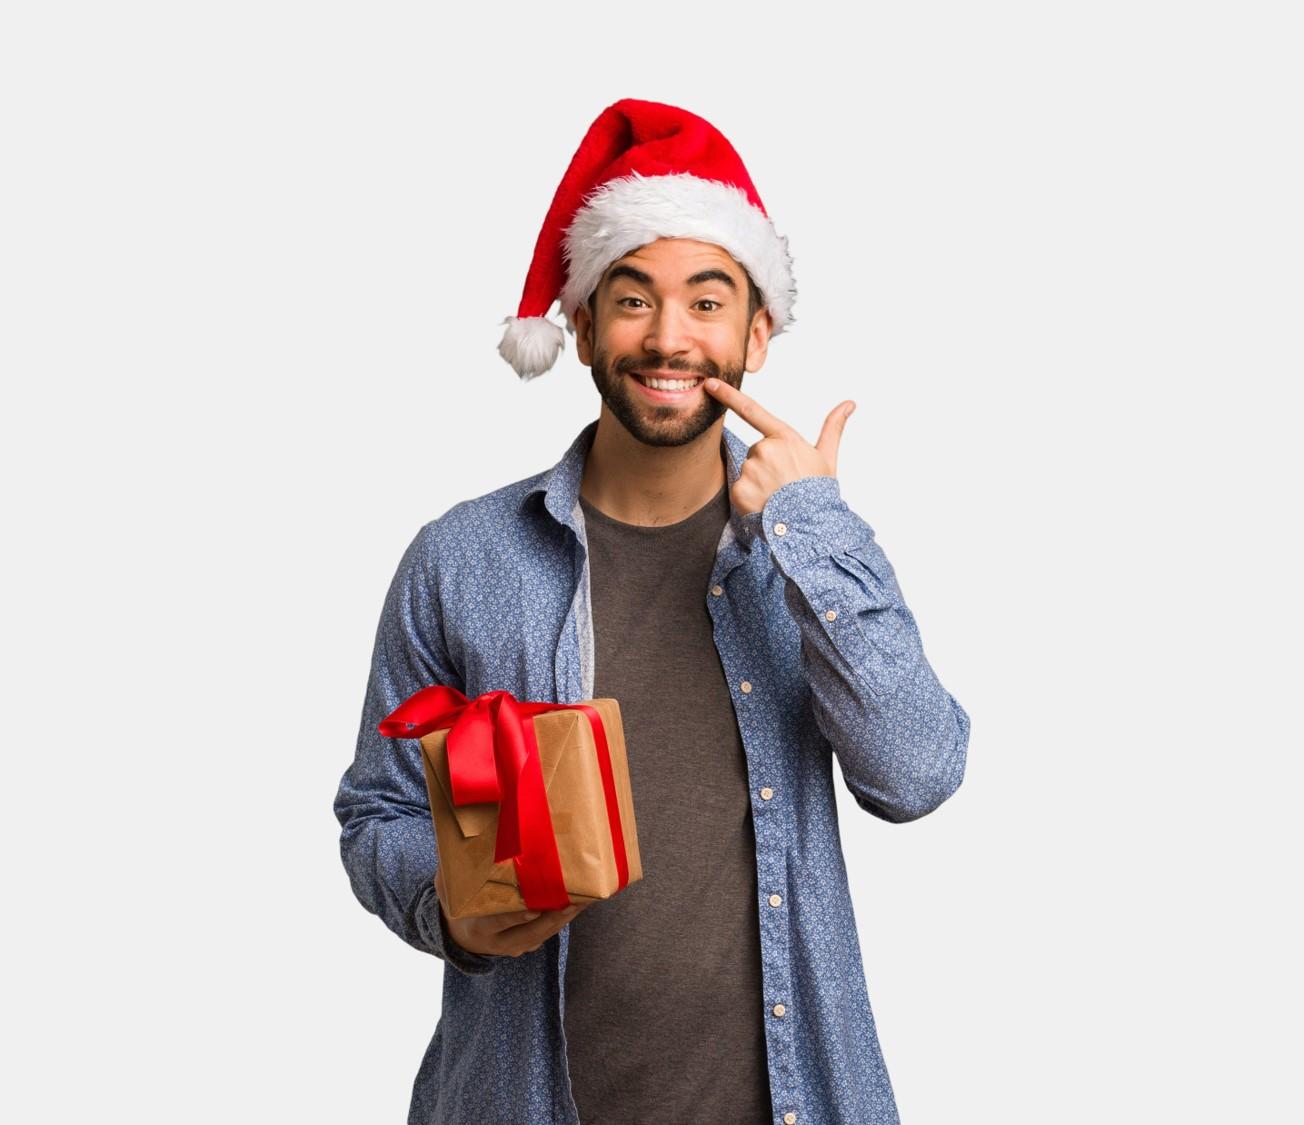 Έξυπνες συμβουλές για να φροντίσετε τα δόντια σας τα Χριστούγεννα